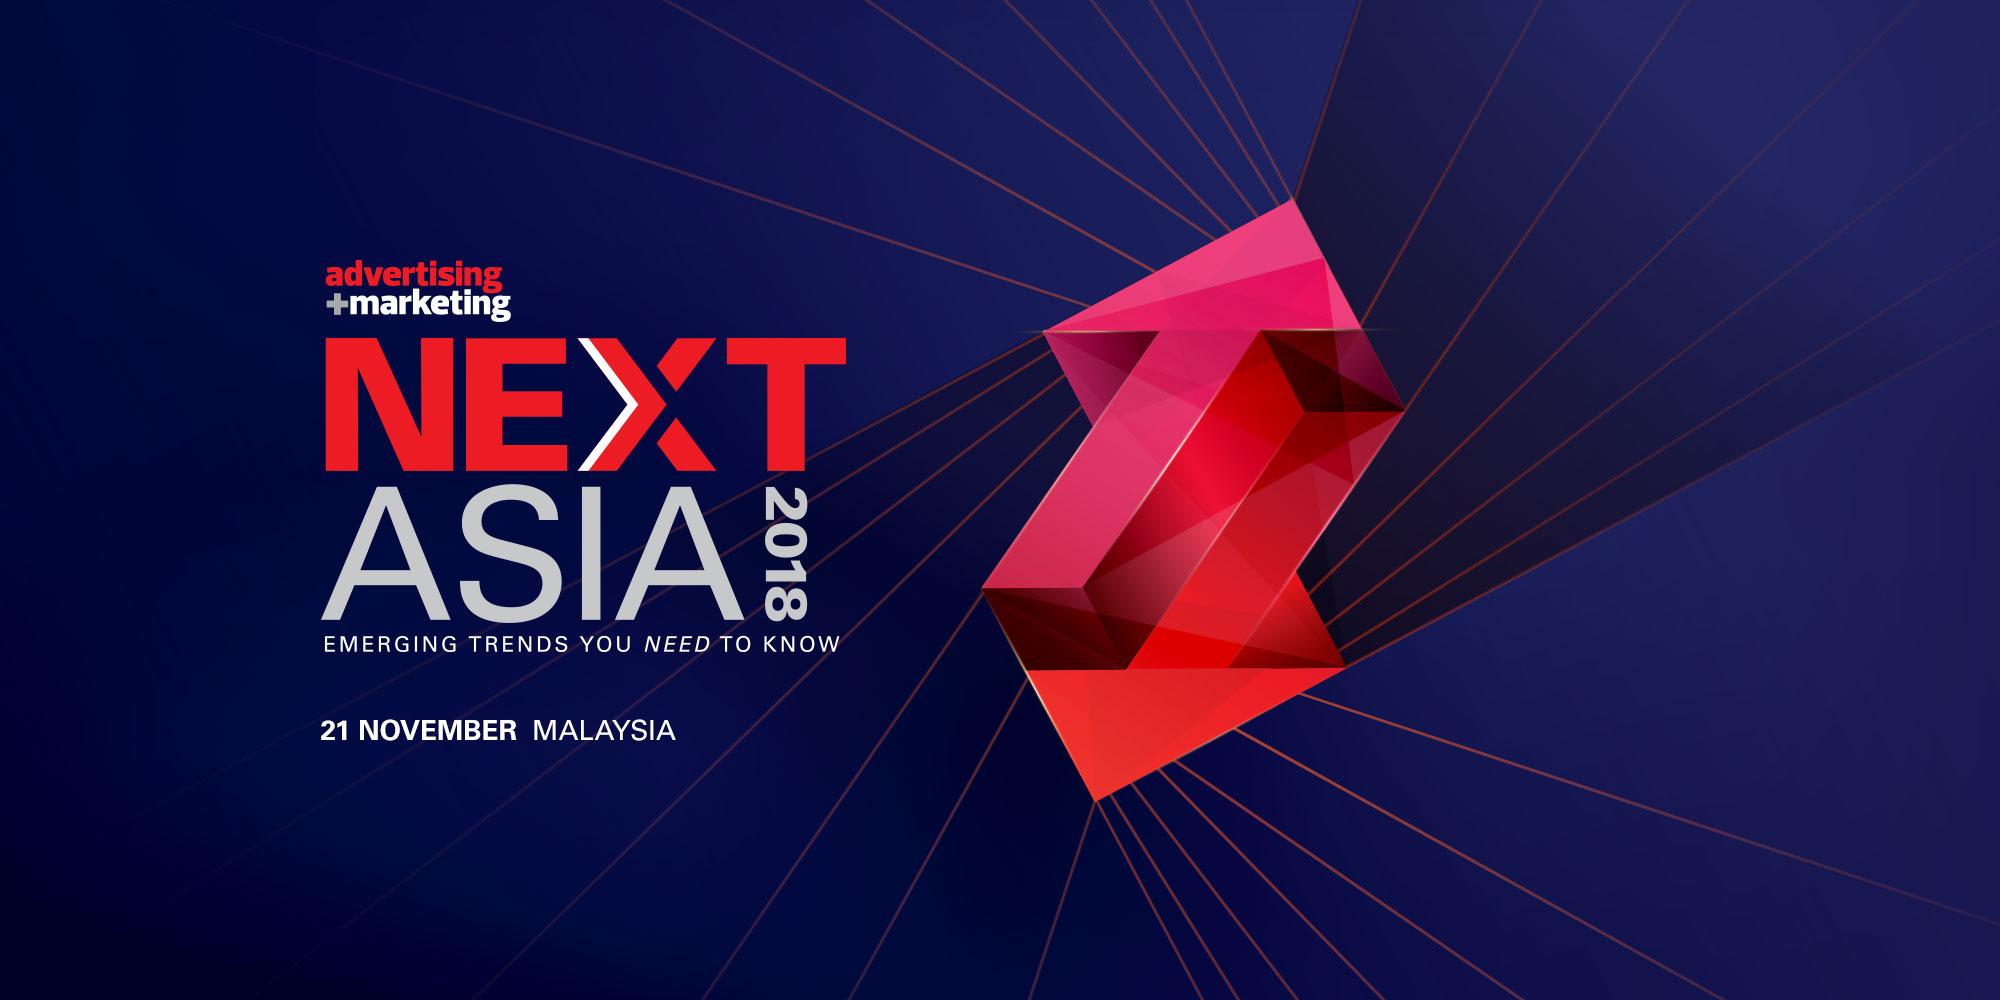 Next Asia 2018